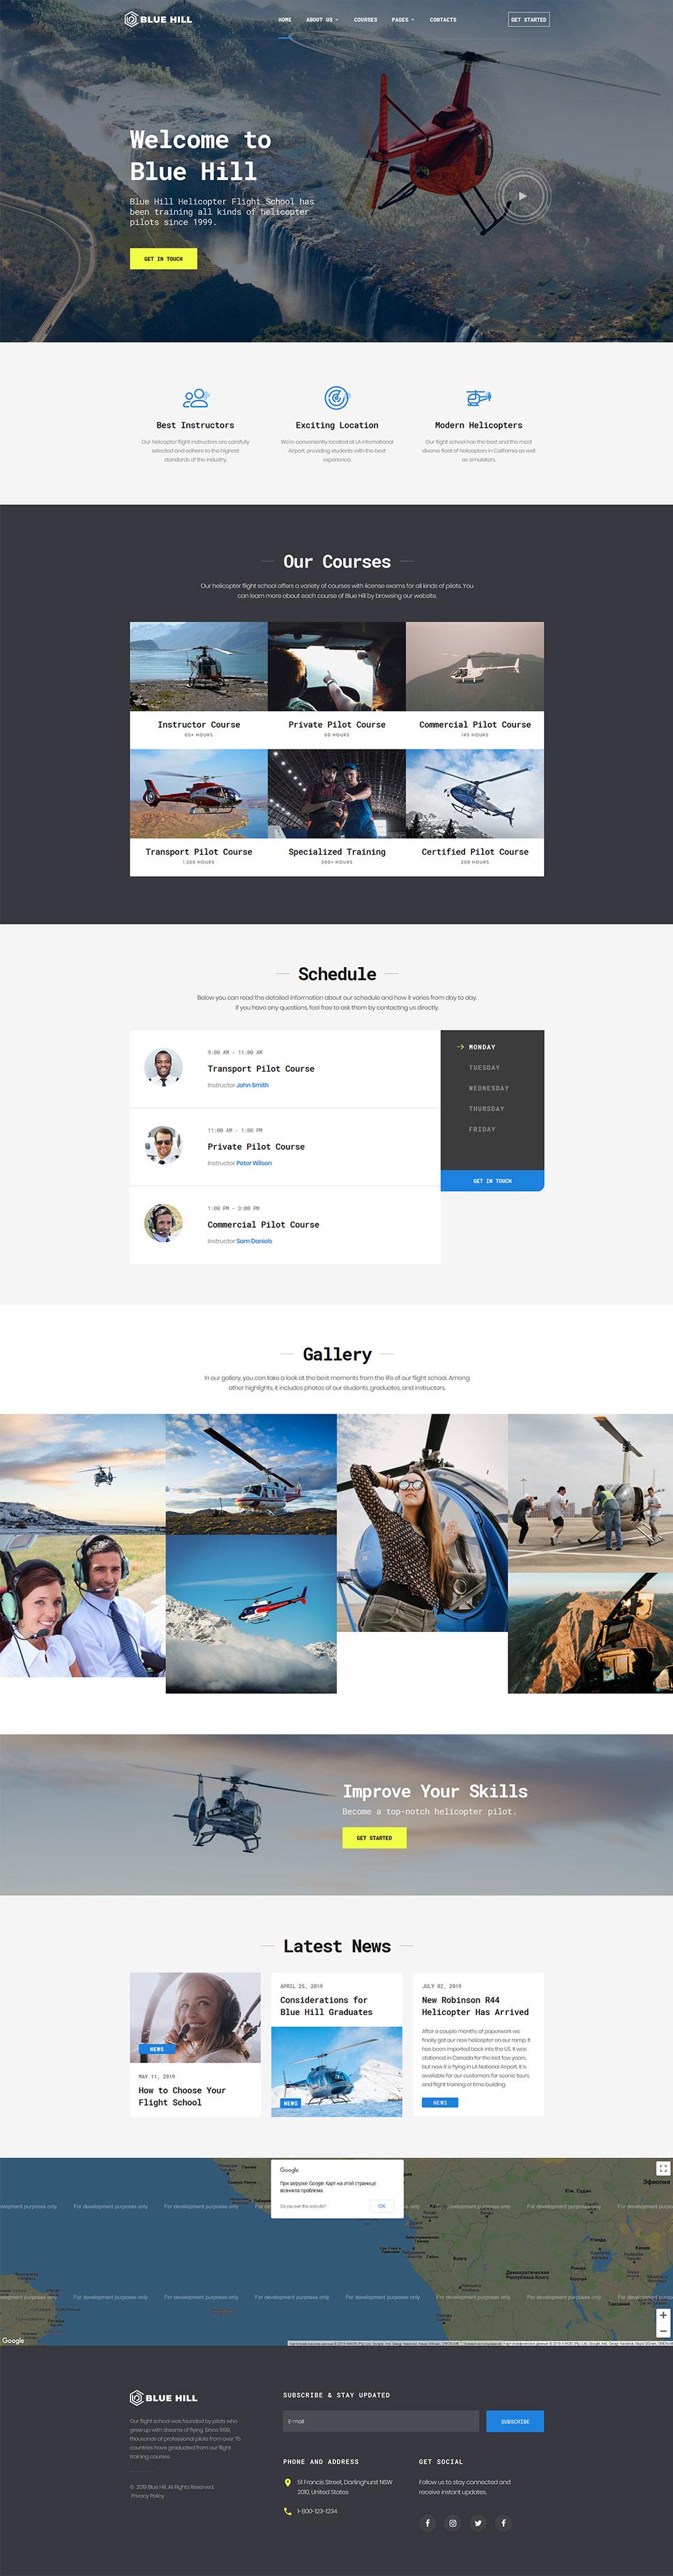 Flight School Responsive Website Template #53326